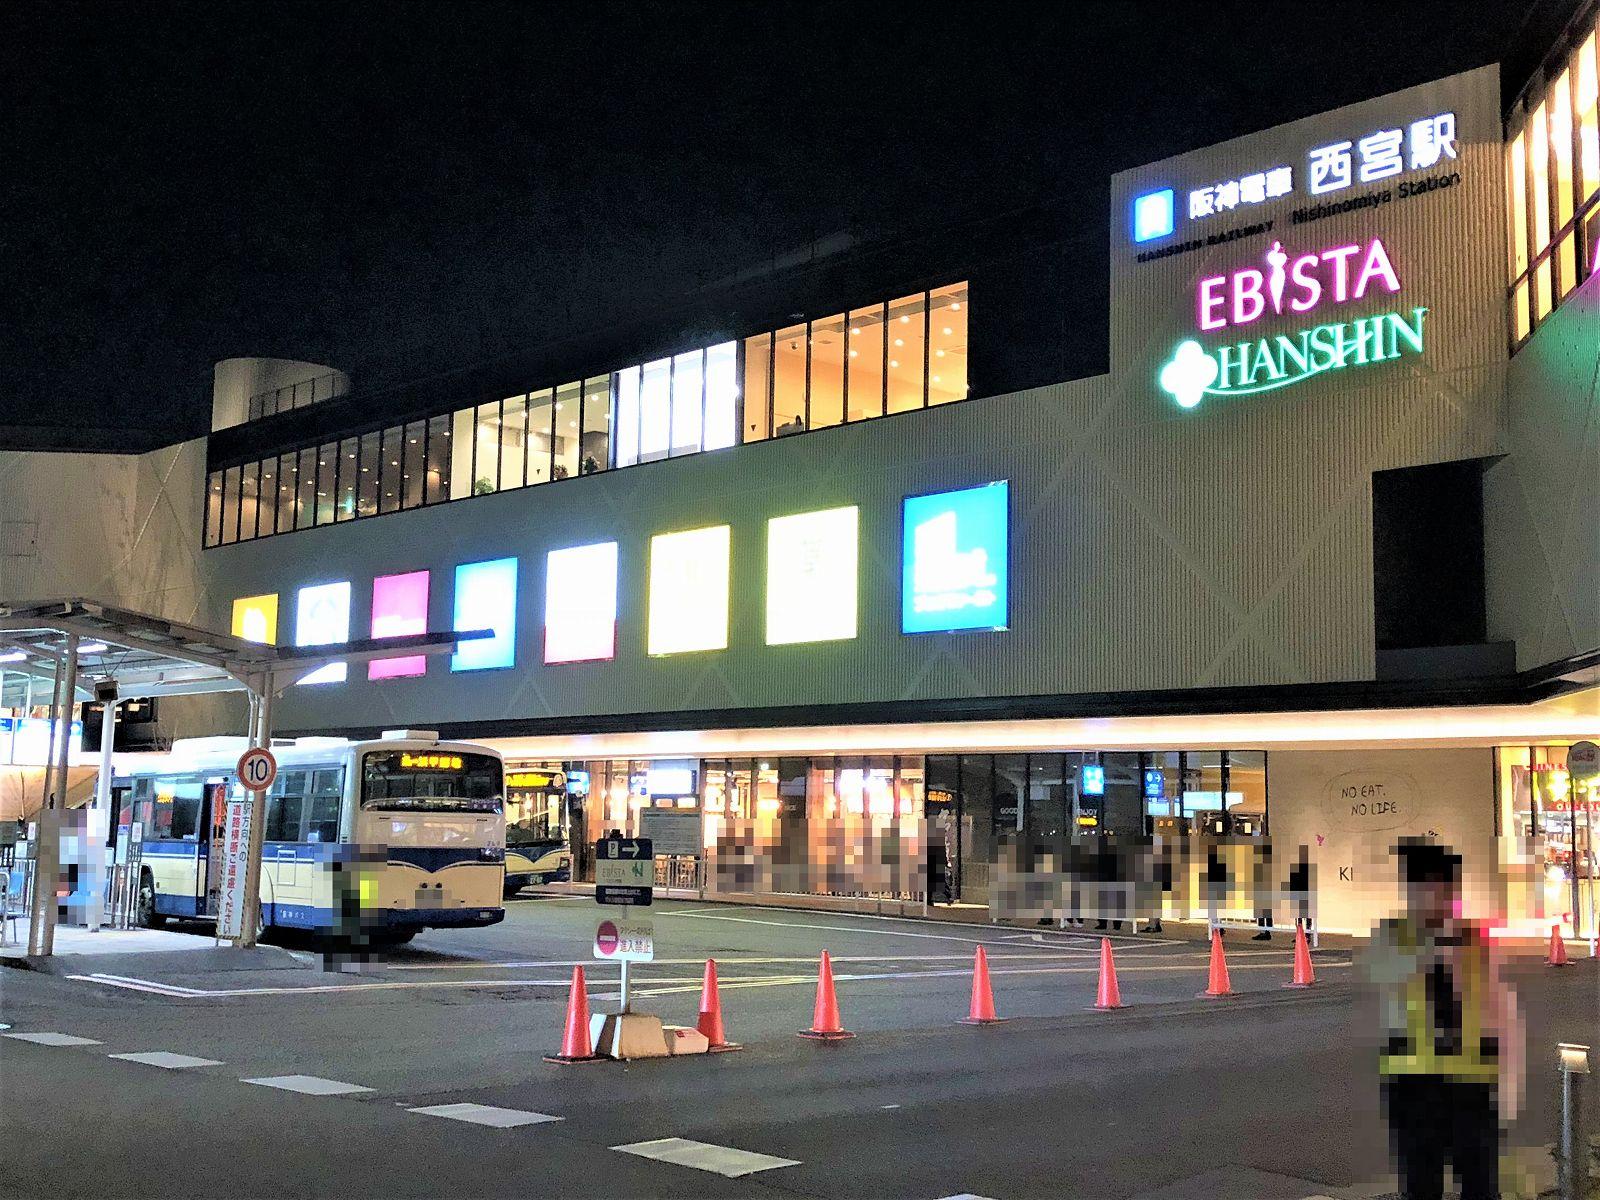 阪神西宮駅の商業施設「エビスタ西宮」が10/29日(月)増床リニューアルオープンします! #エビスタ西宮 #阪神西宮 #新規オープン #阪神電車